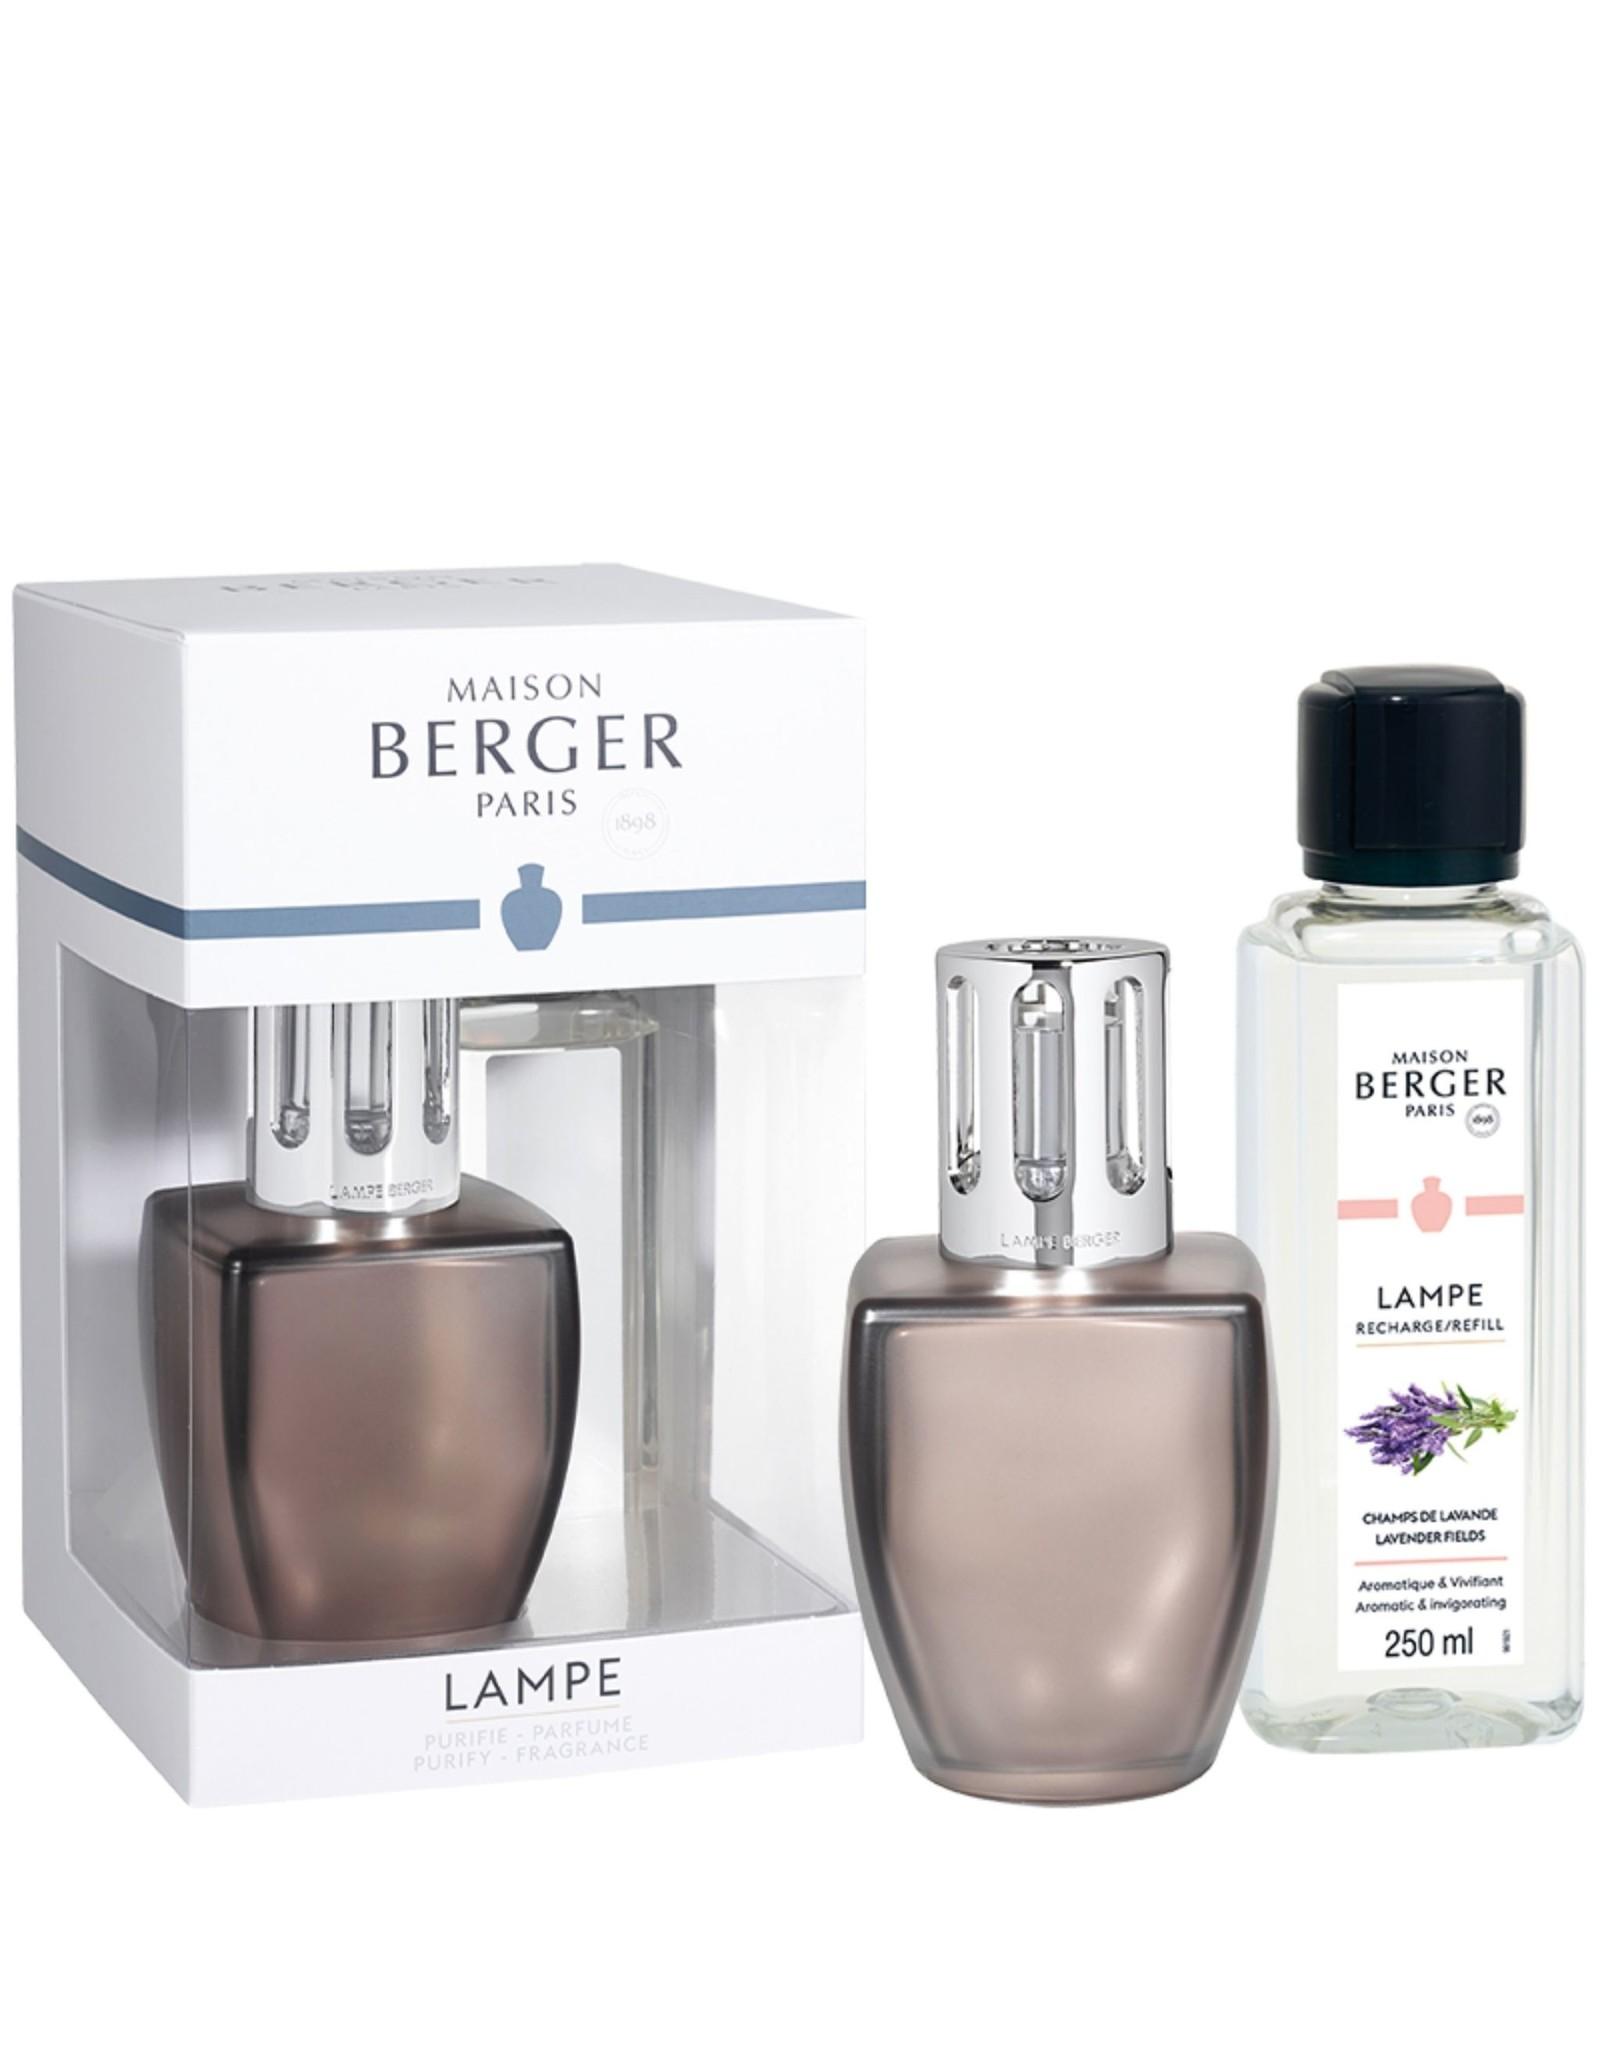 Lampe Berger Geurbrander - Giftbox - June Bois de Rose